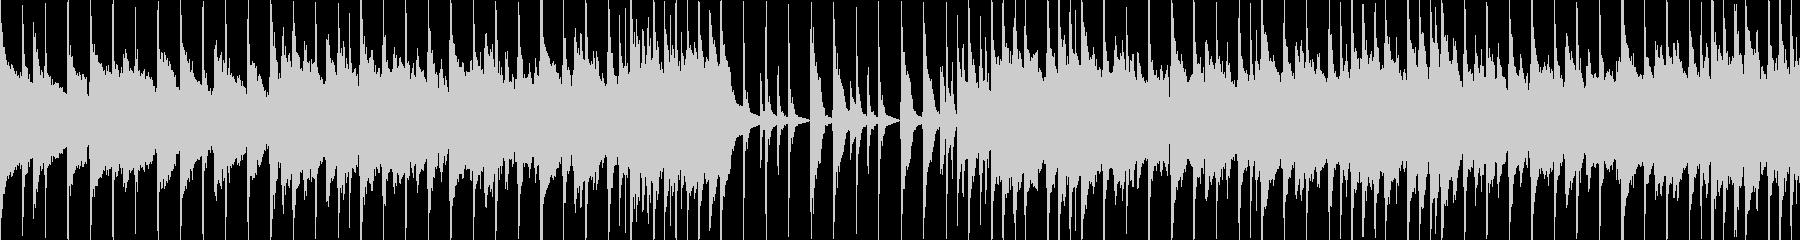 ギター、グロッケンシュピール、ピア...の未再生の波形